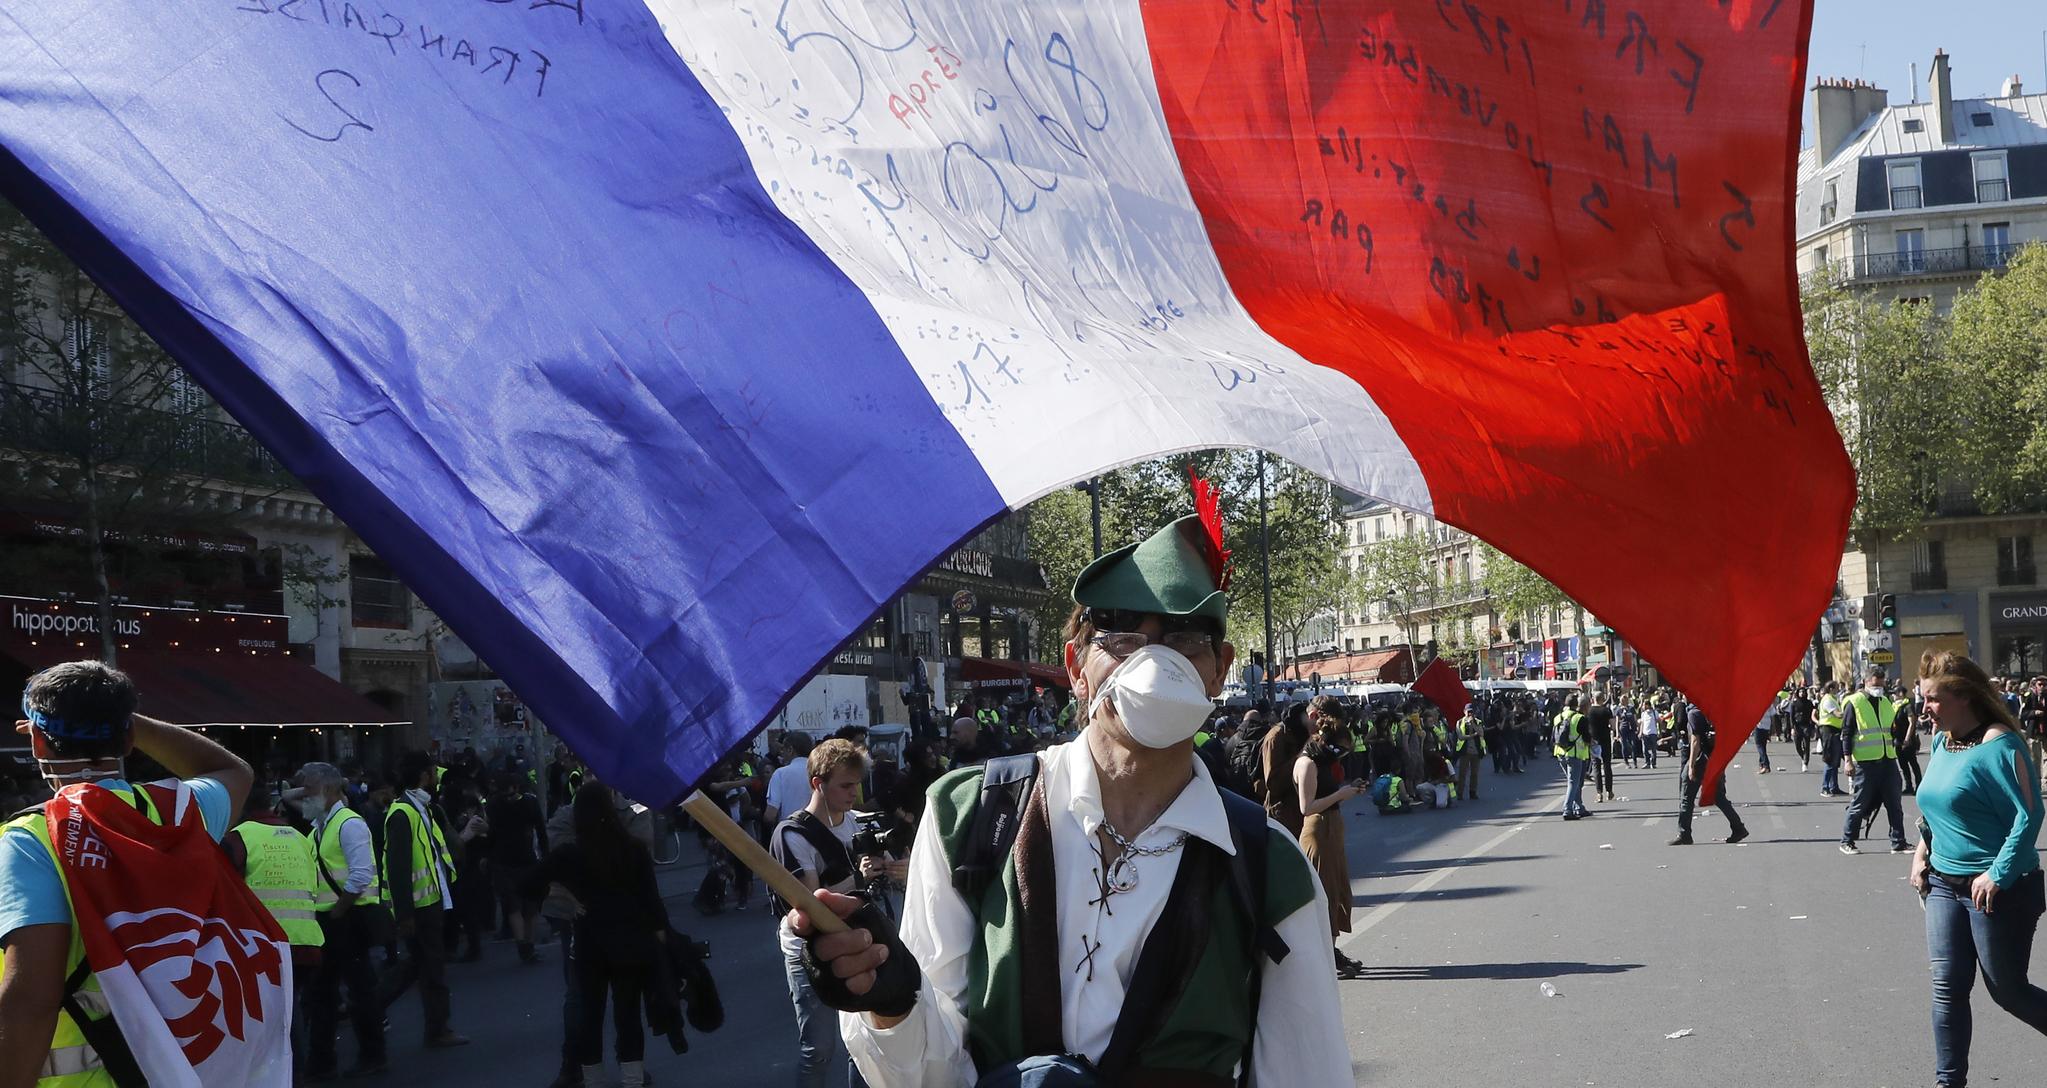 지난 20일(현지시간) 프랑스 파리에서 발생한 '노란 조끼' 시위에서 한 남성이 국기를 흔들고 있다.[AP=연합뉴스]